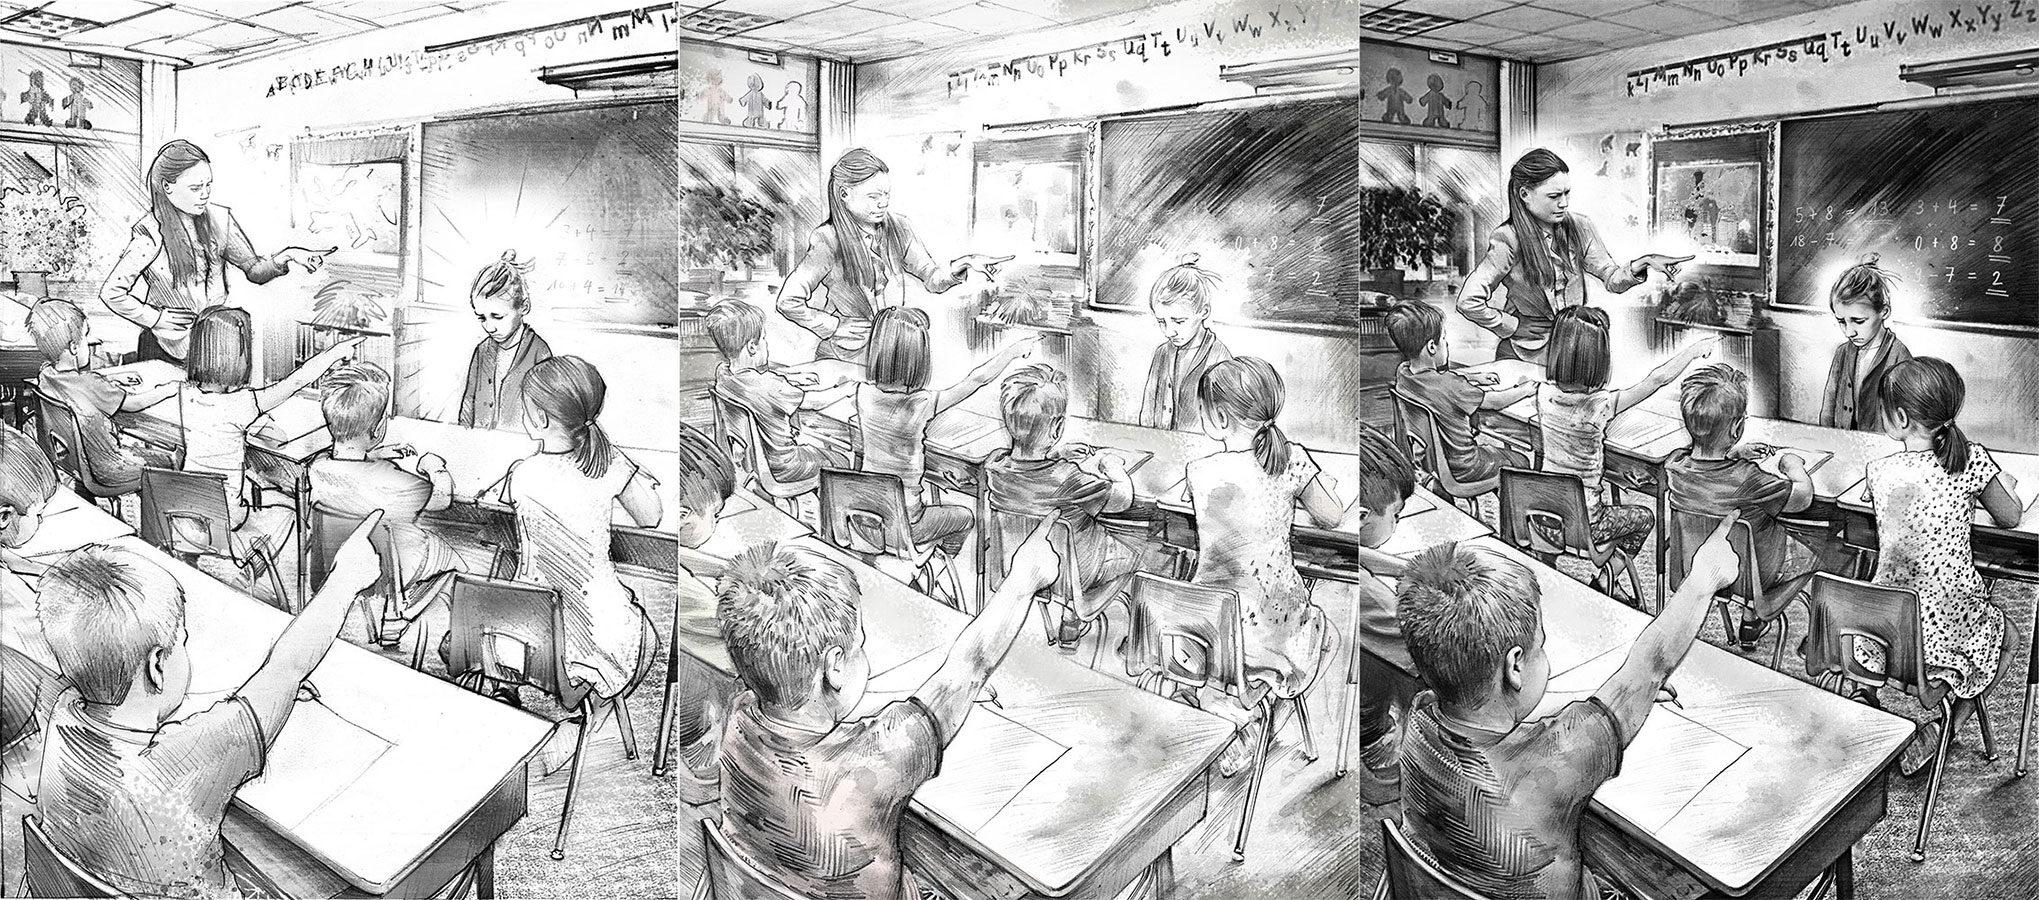 Beobachter 2 2 1 - Kornel Illustration | Kornel Stadler portfolio